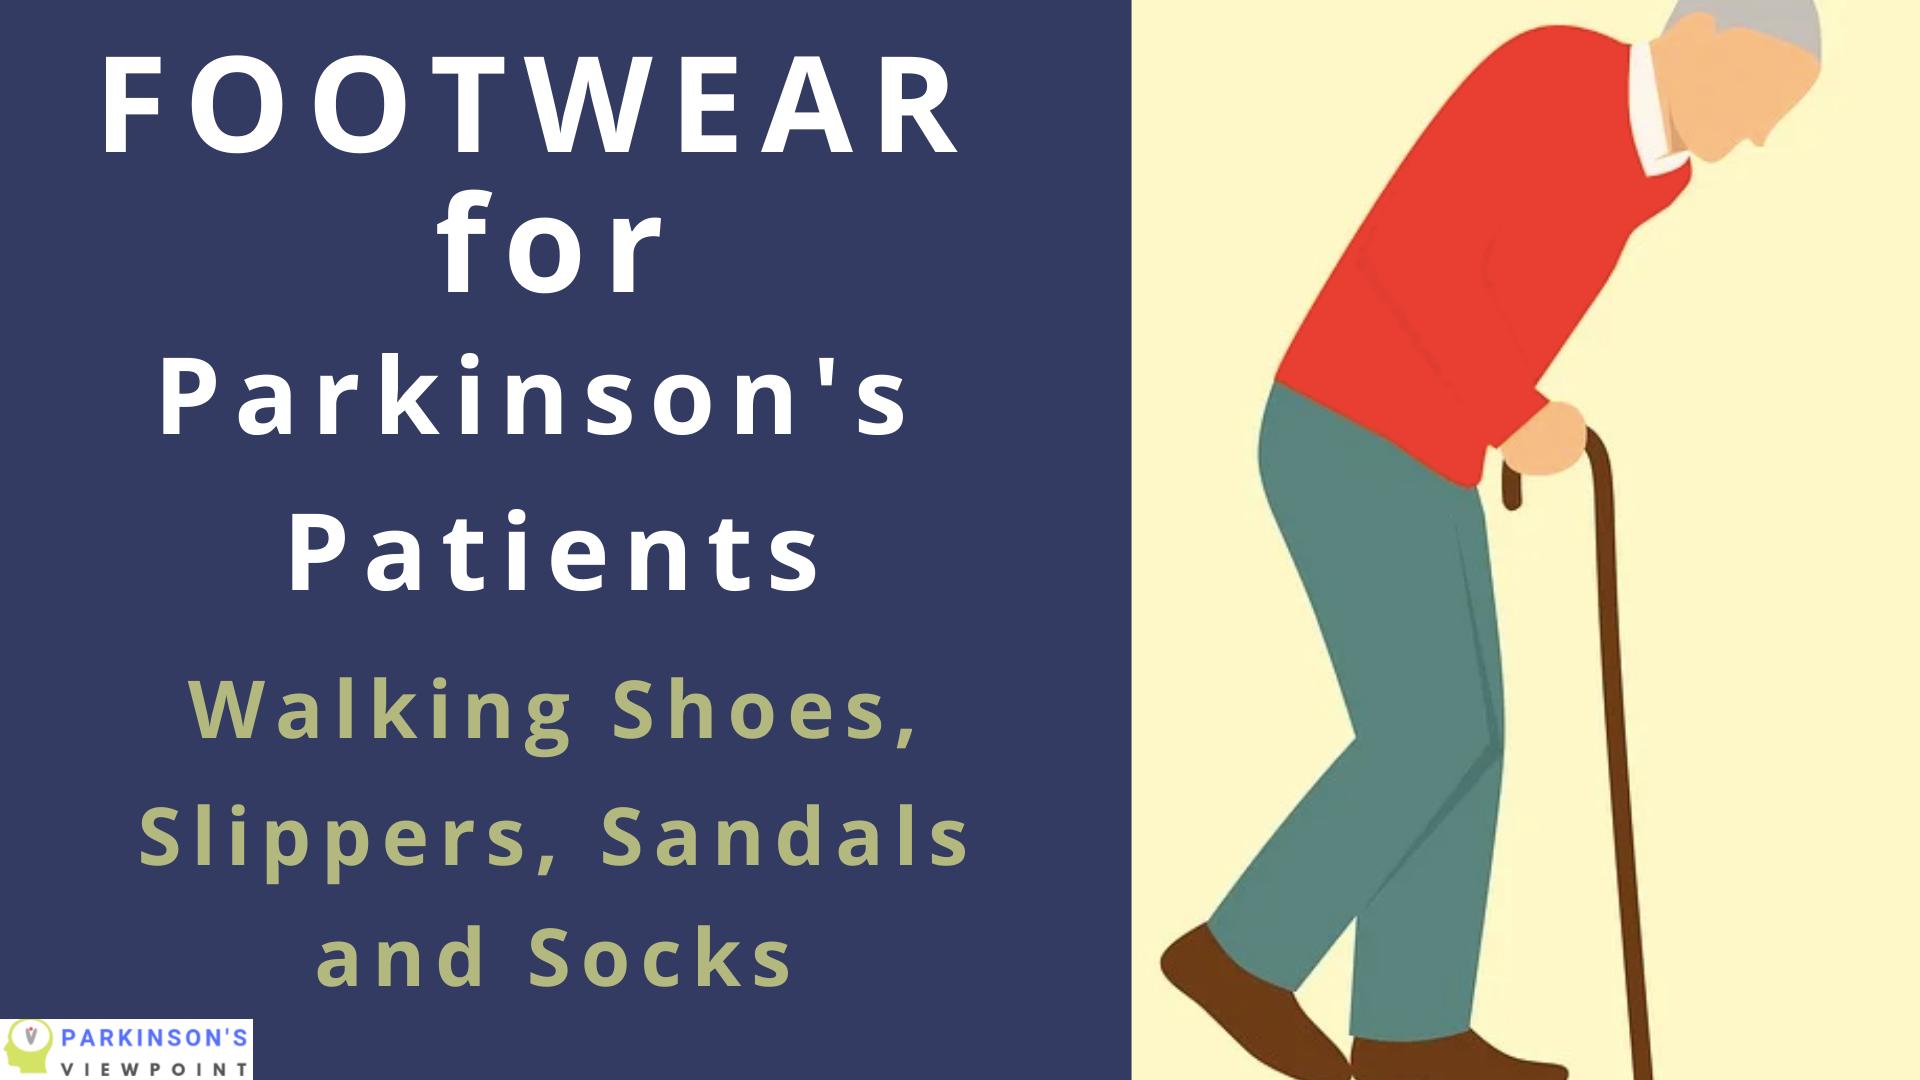 footwear for Parkinson's